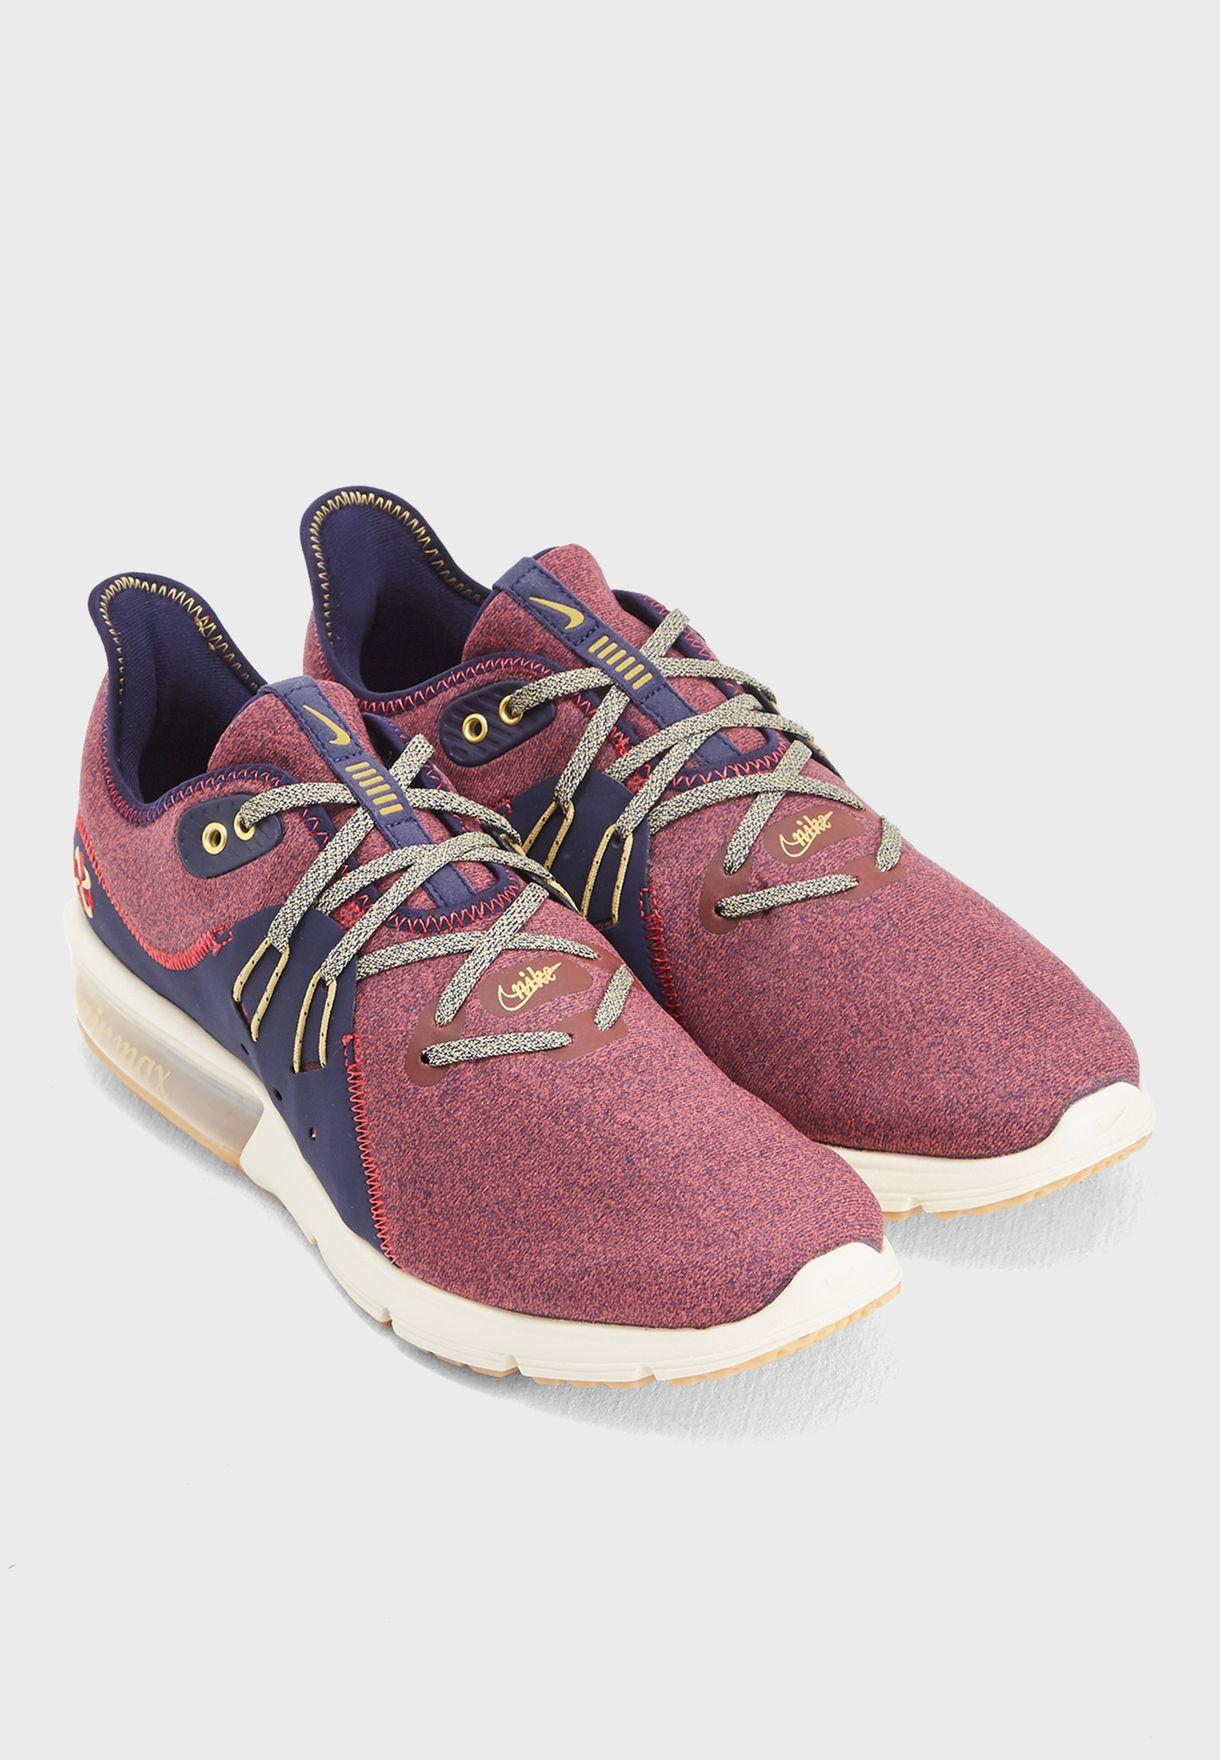 promo code ac187 af245 Shop Nike multicolor Air Max Sequent 3 PRM VST AR0253-600 for Men in ...